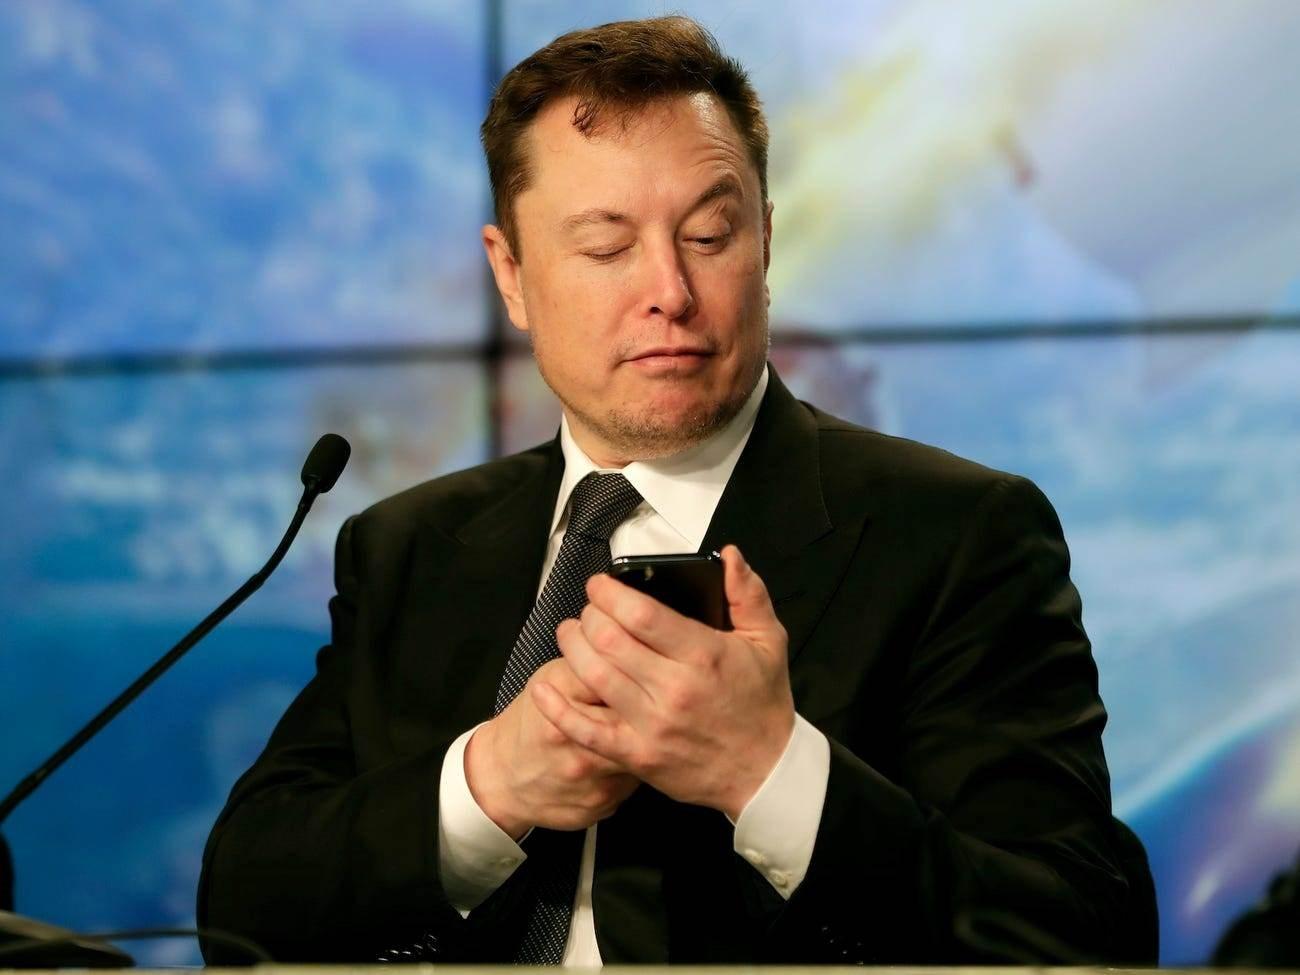 رئيس شركة سبيس إكس يبدأ بـ